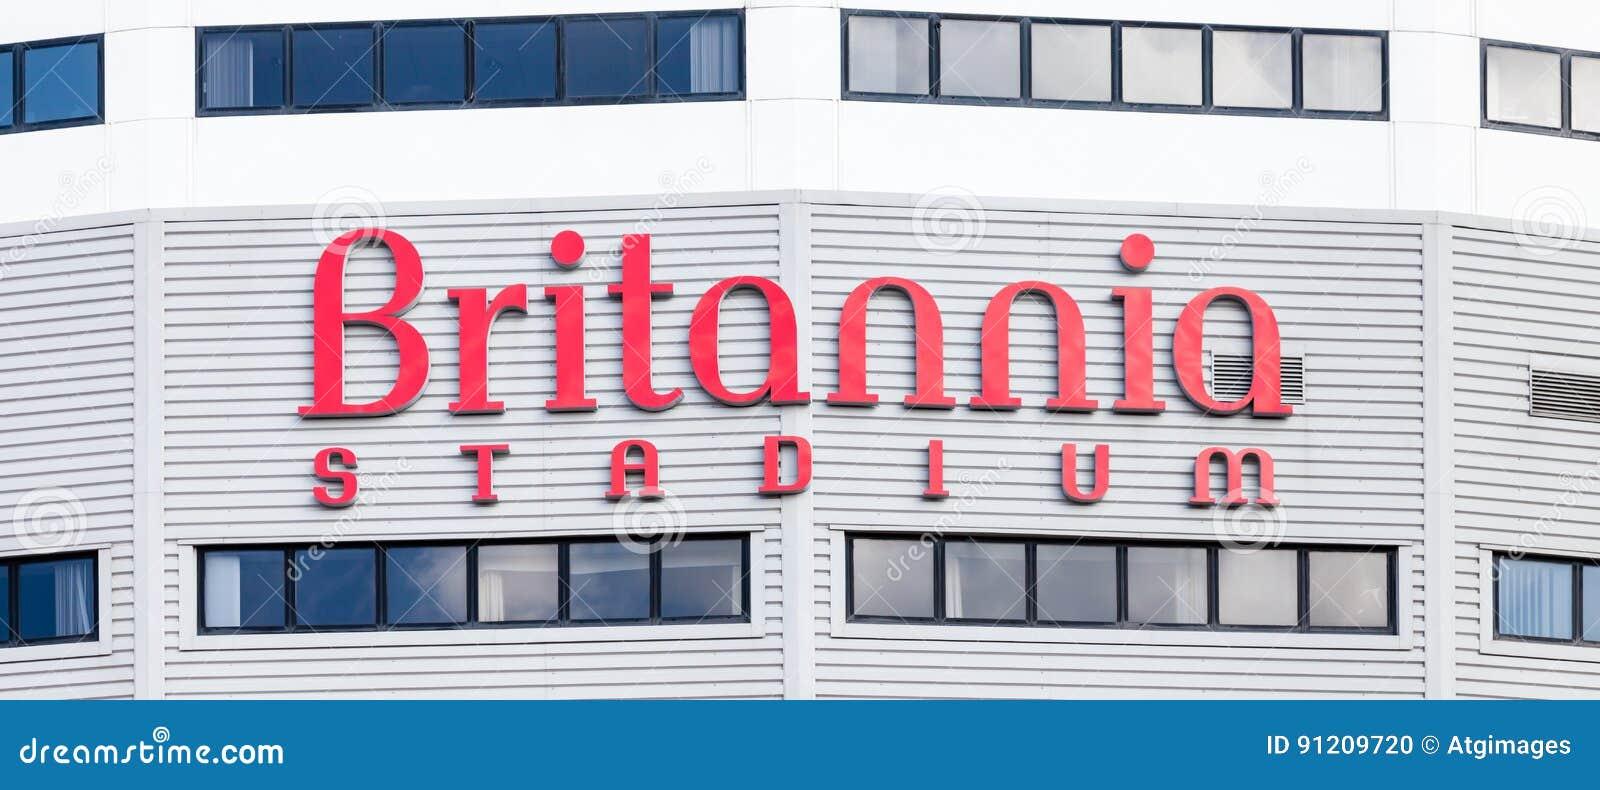 Britannia Stadium editorial image  Image of soccer, mural